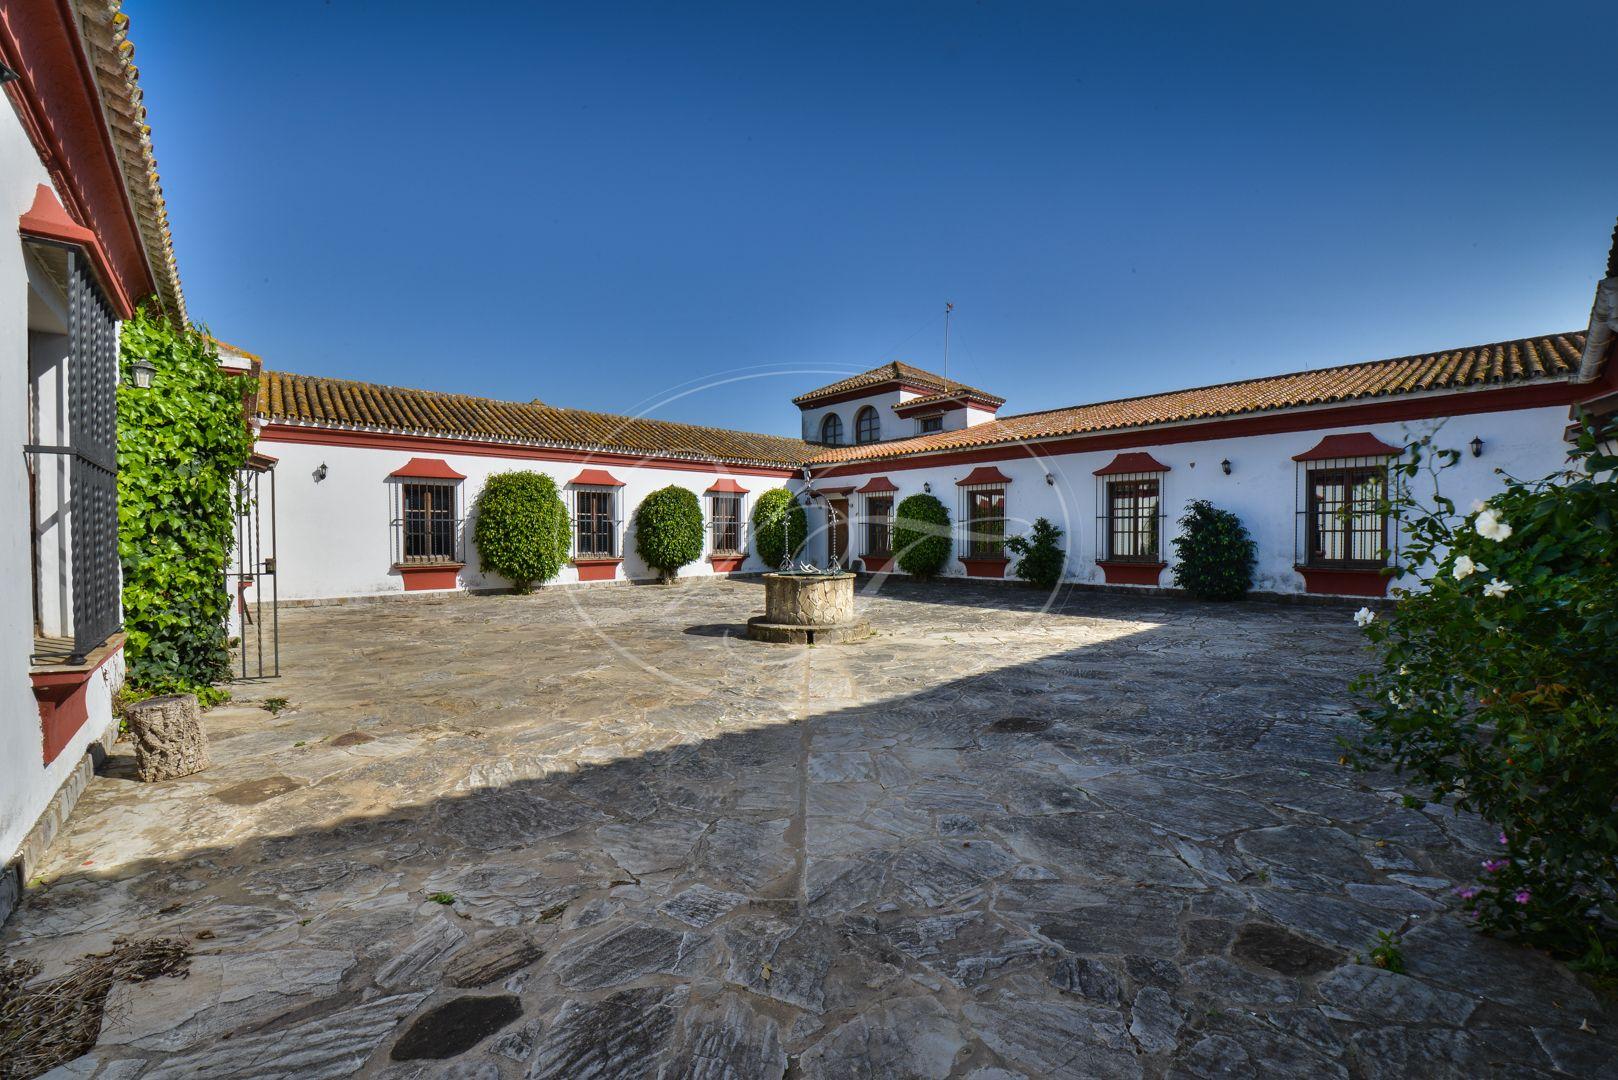 Cortijo for sale in Los Barrios